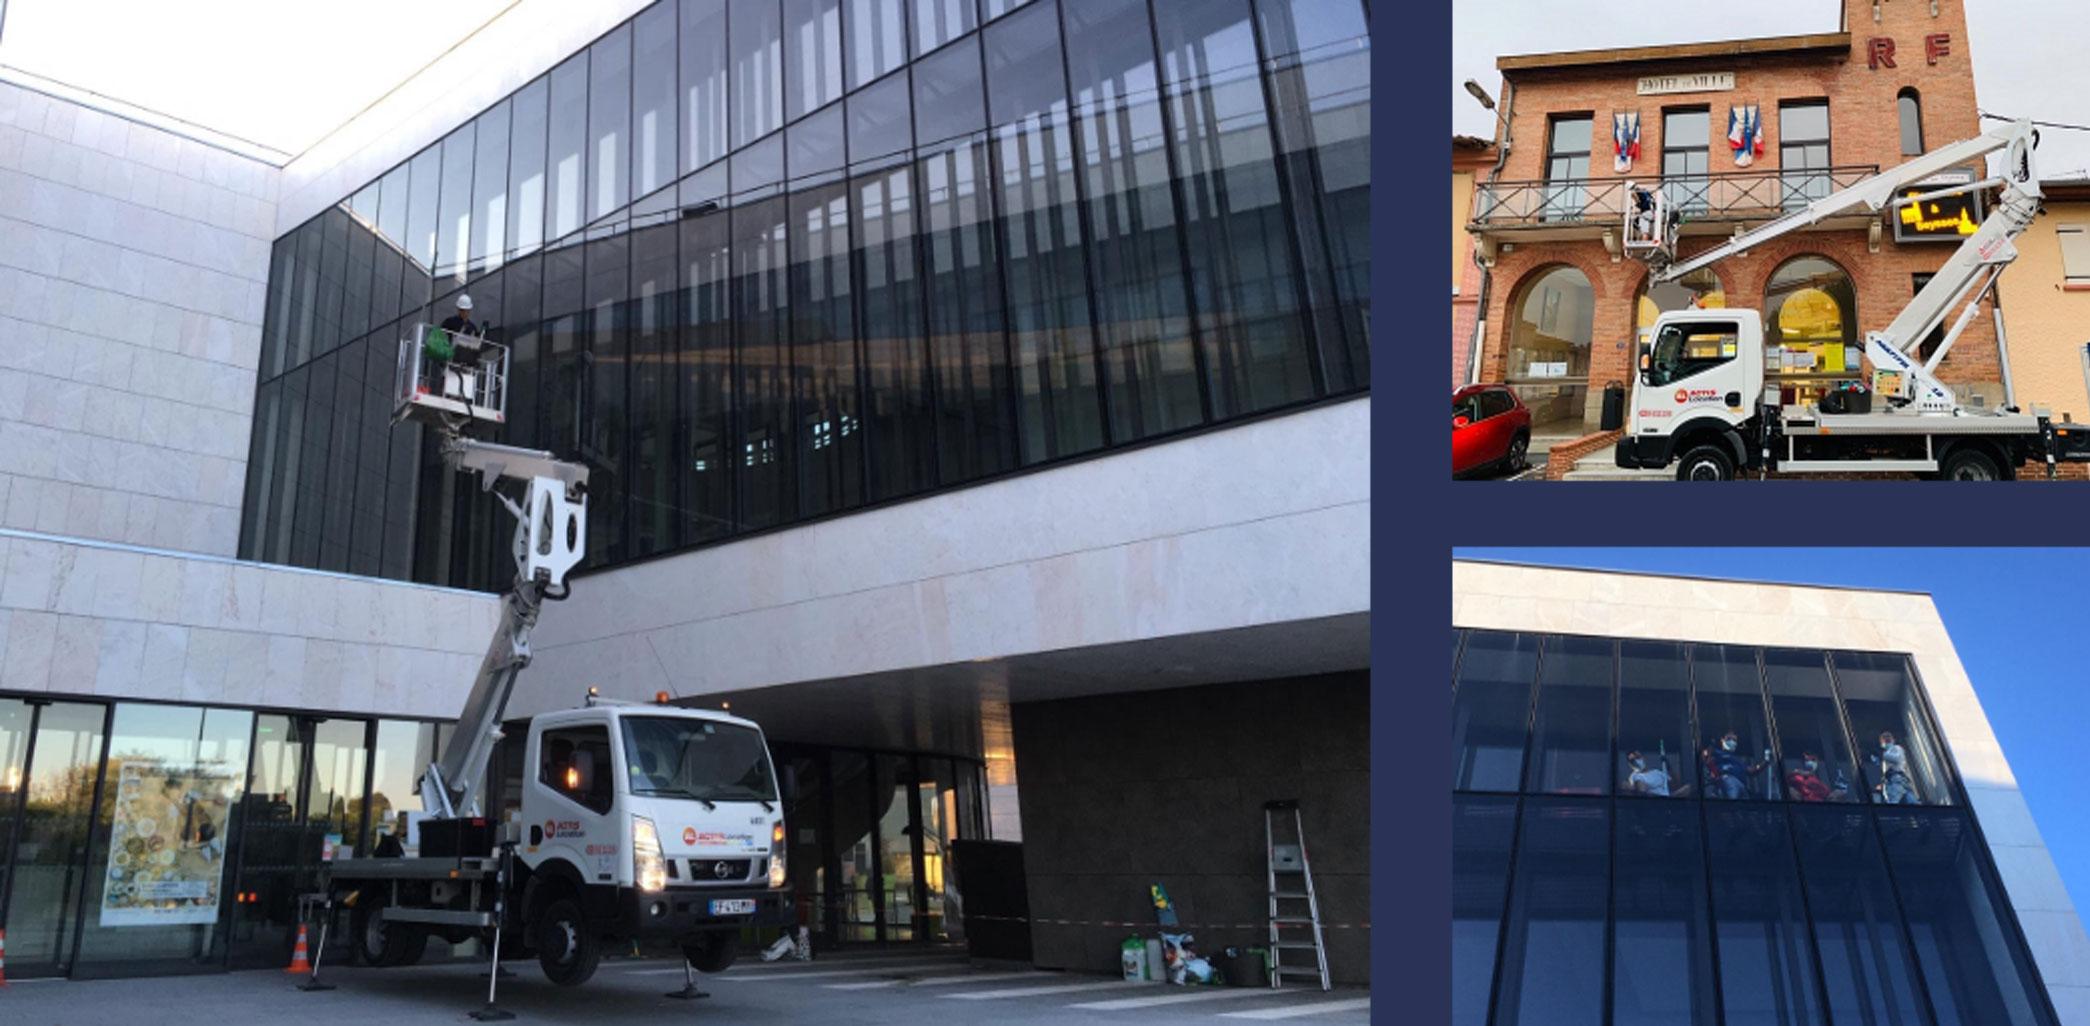 Savoir-être entreprise nettoyage entretien bureaux vitrerie espaces verts remise en état résidences locaux entretien Toulouse Muret Seysses